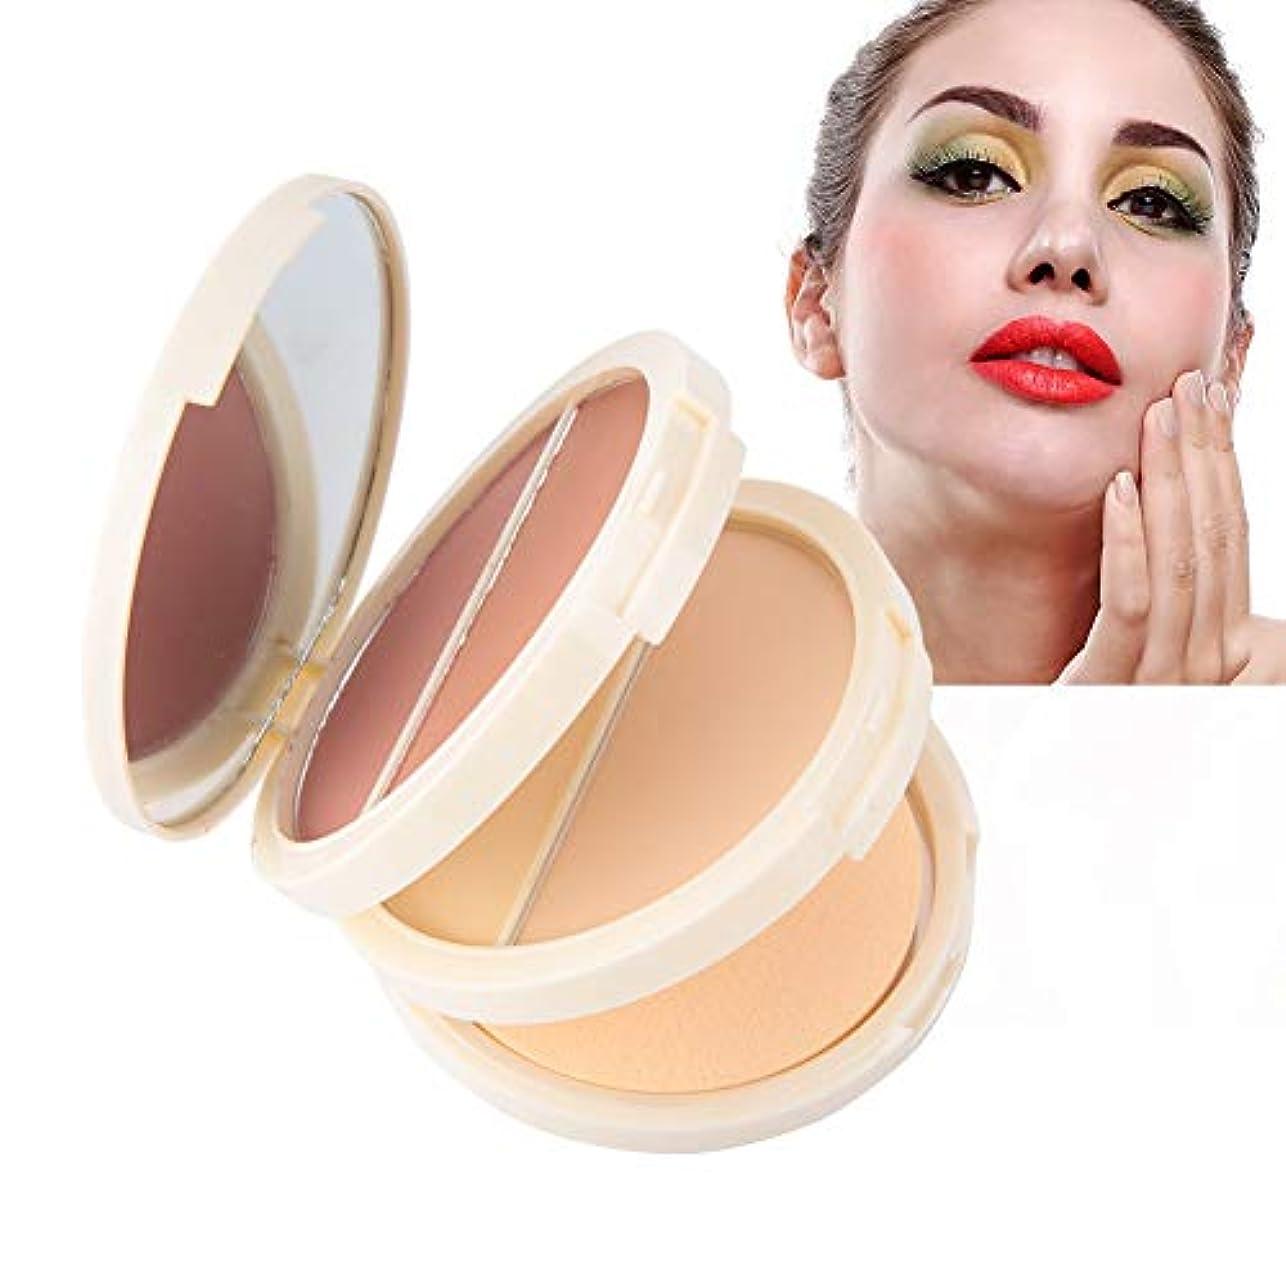 アリスフェローシップフレア化粧品、オイル管理および防水および長続きがする効果のための1つのコンシーラーの粉の赤面粉に付き3つ